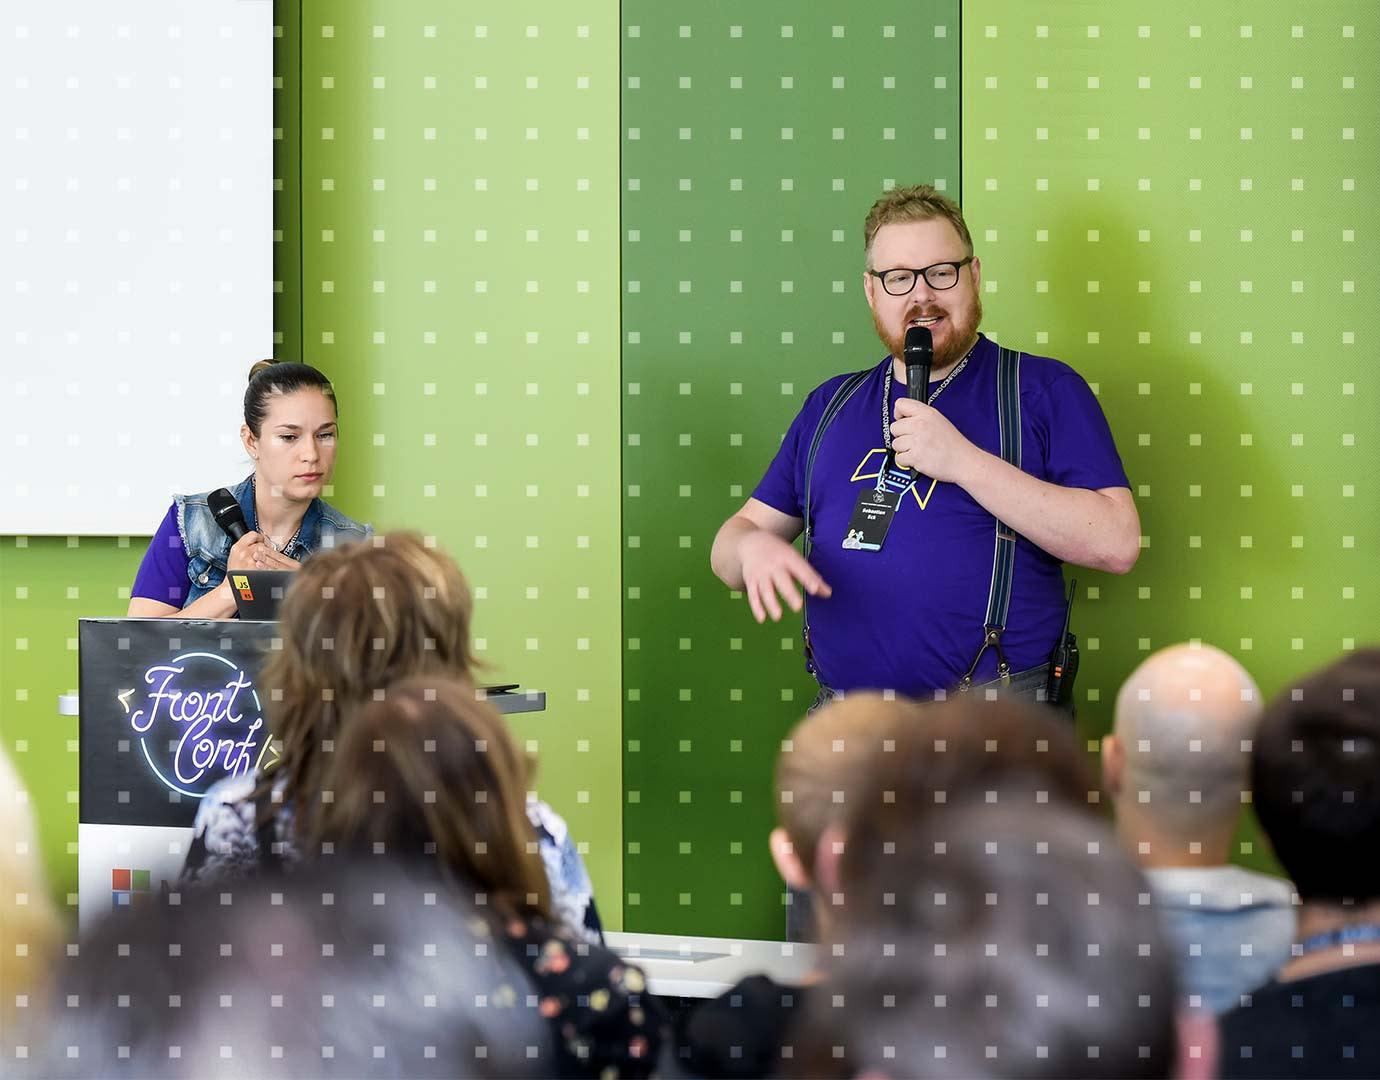 Team-Quotes-Pic Sebastian-Pixelgrid